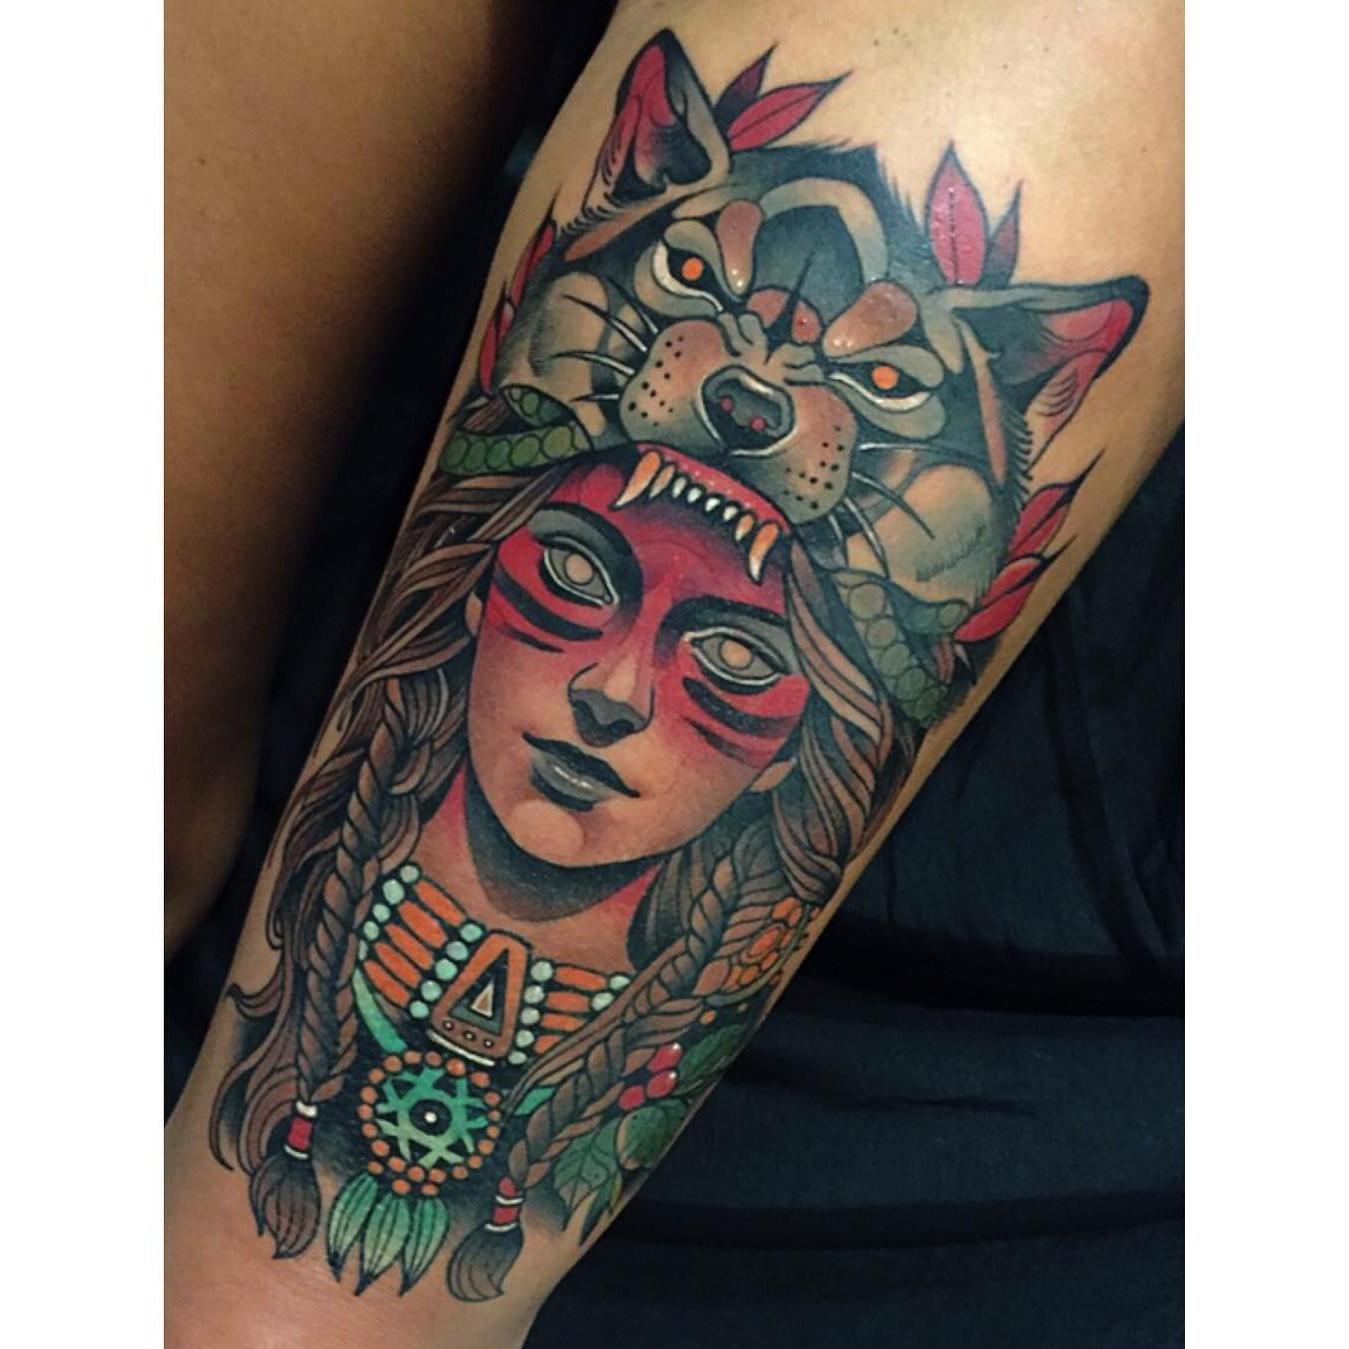 Tattoo Designs Johnny: Johnny Domus Tattoo- Find The Best Tattoo Artists